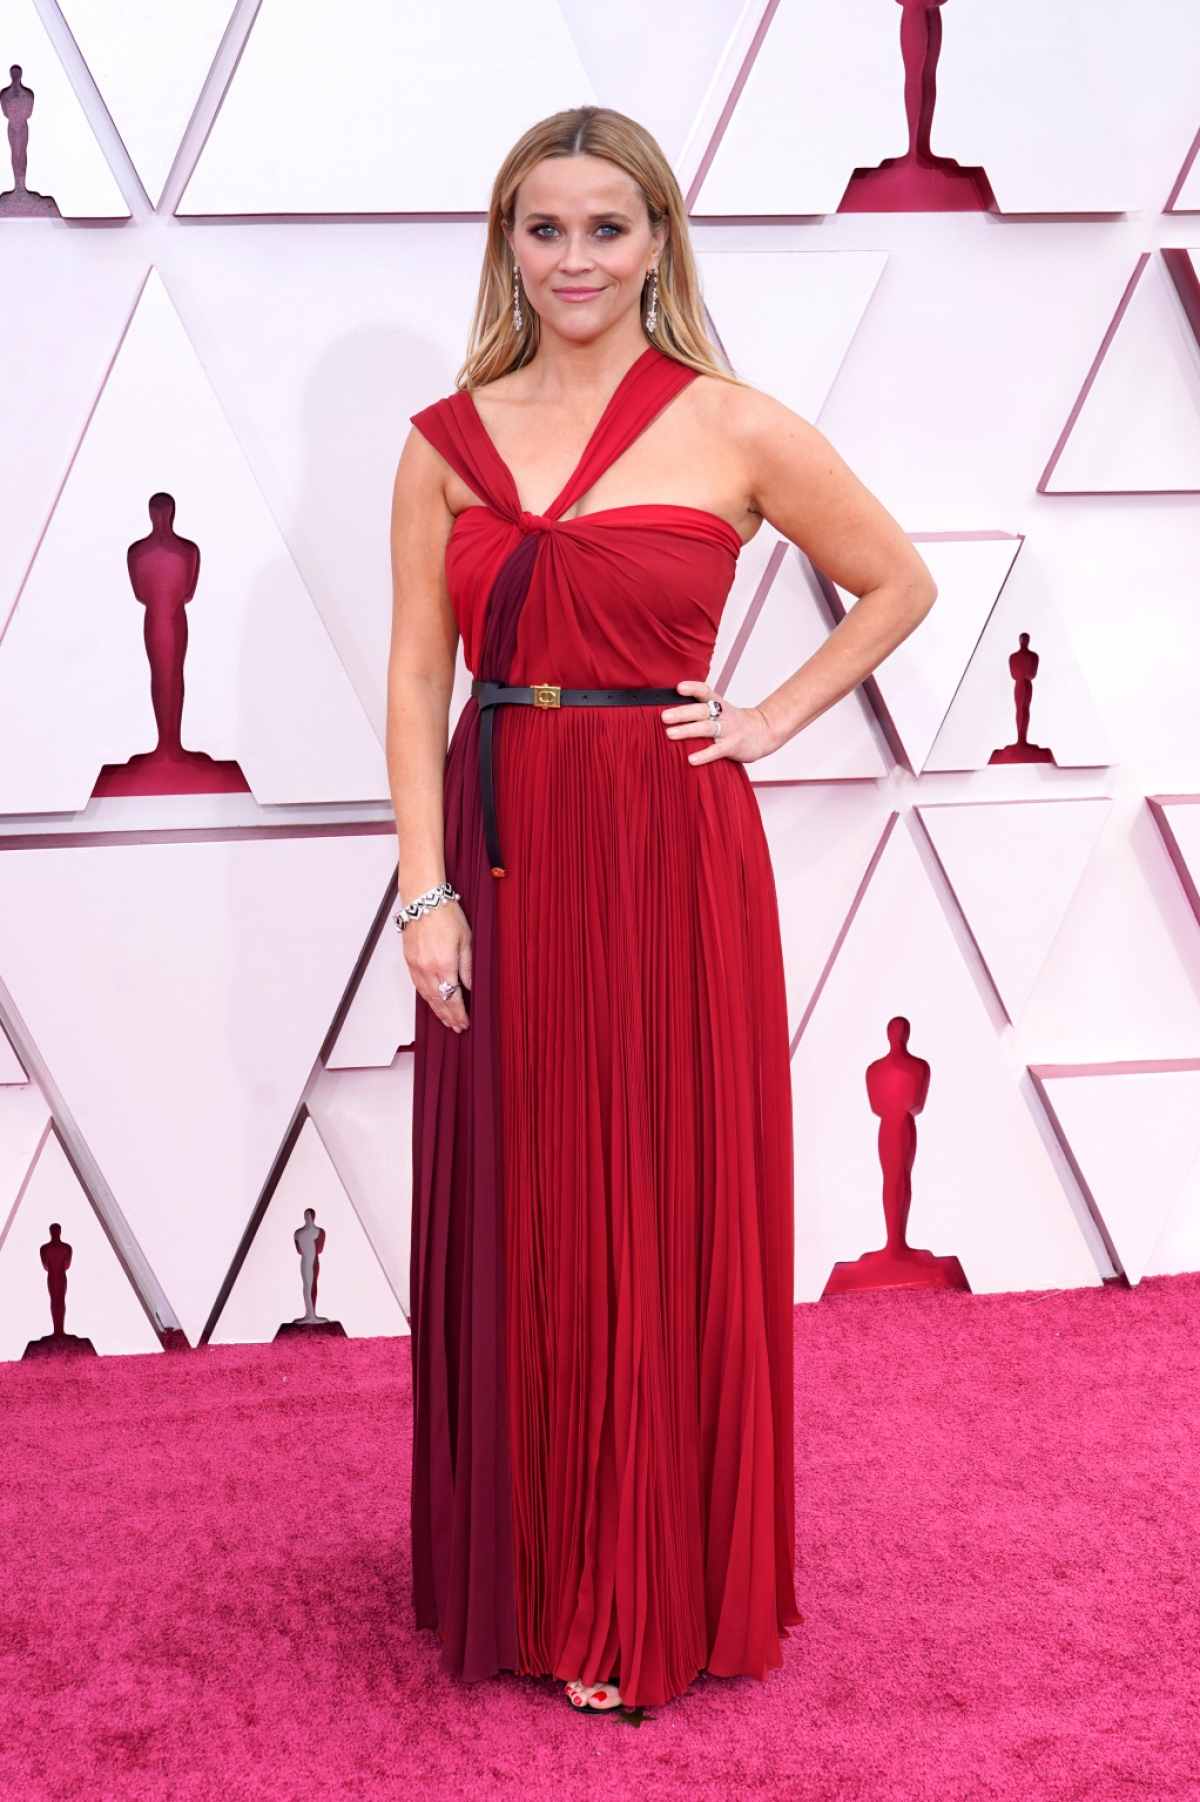 """Reese Witherspoon từnggiành giải Oscar ở hạng mục """"Nữ diễn viên chính xuất sắc nhất"""" năm 2006 khi đóng vai June Carter Cash trong """"Walk the Line"""". Năm nay, nữ diễn viên sẽ là người giới thiệutại chương trình tối nay."""